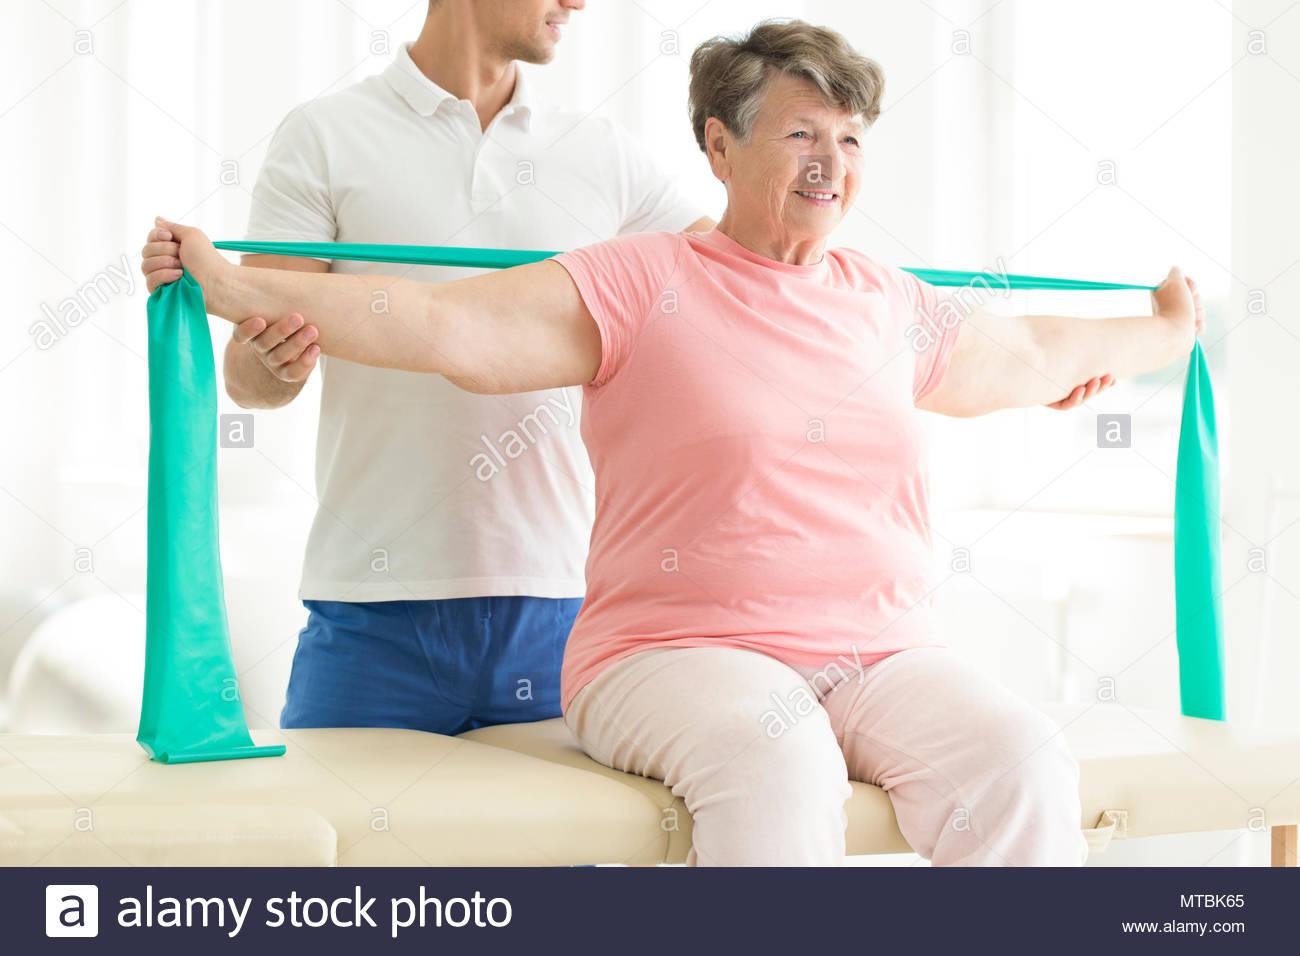 Fisioterapista che fornisce assistenza con alleviare il dolore delle articolazioni attraverso il pnf esercizi che coinvolgono una sciarpa per il suo paziente anziano Immagini Stock